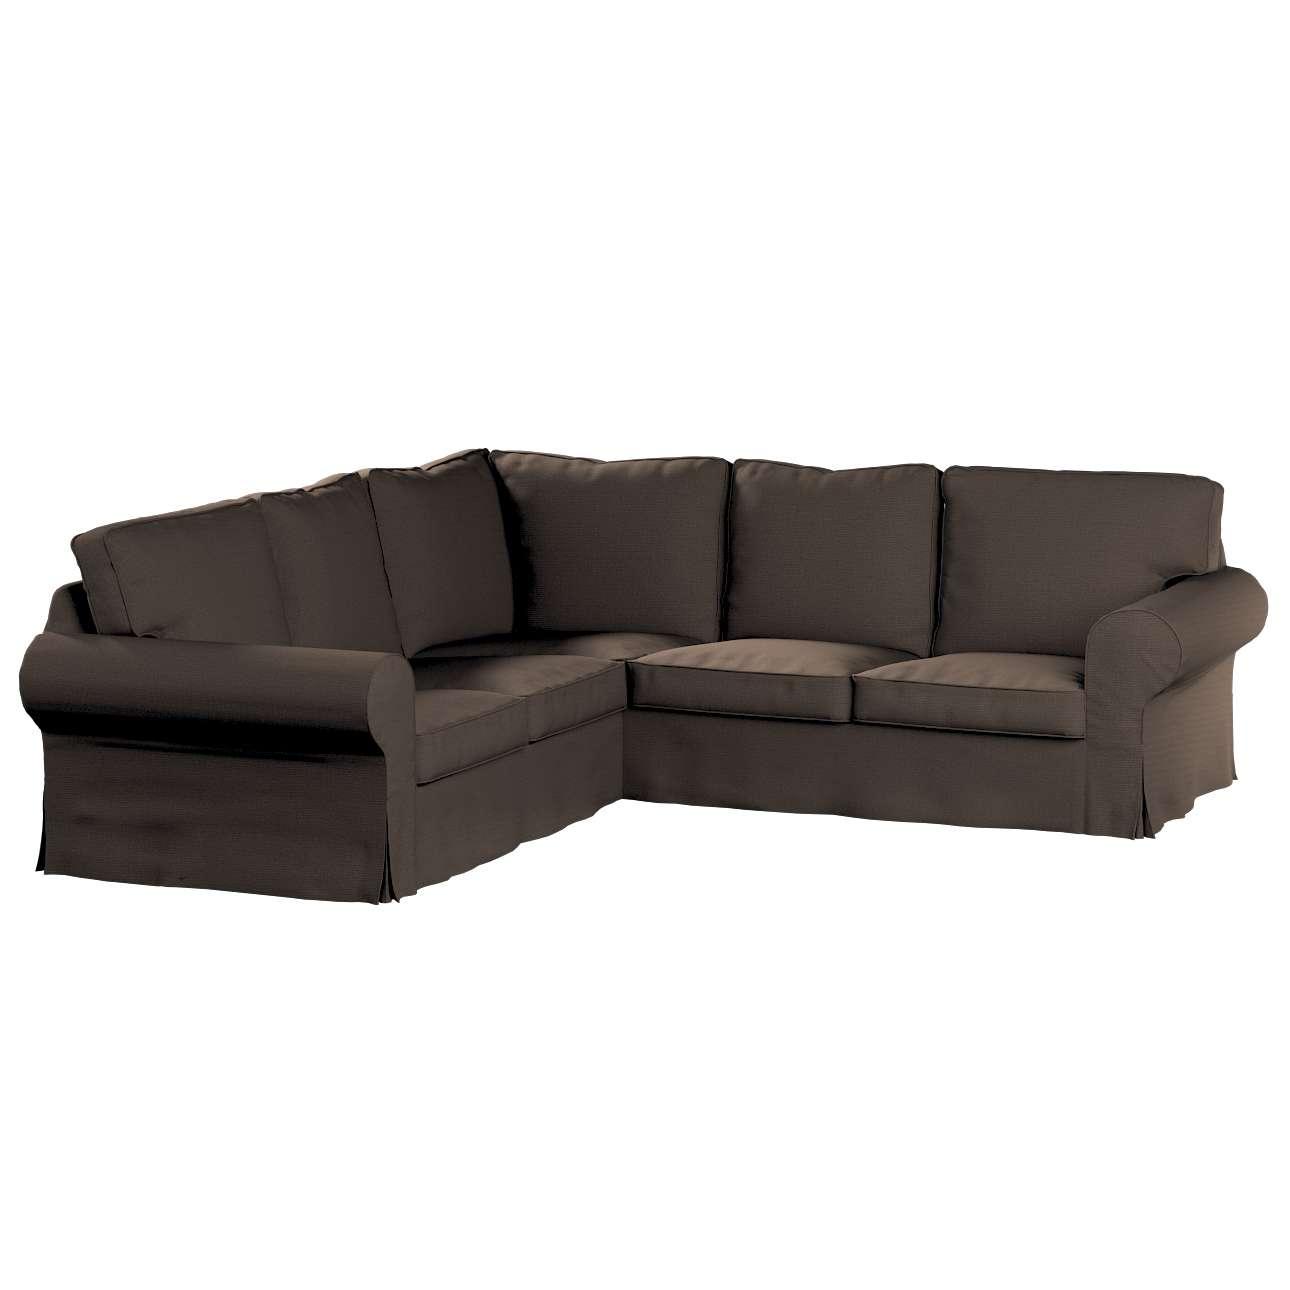 Pokrowiec Ektorp na sofę narożną w kolekcji Etna, tkanina: 705-08